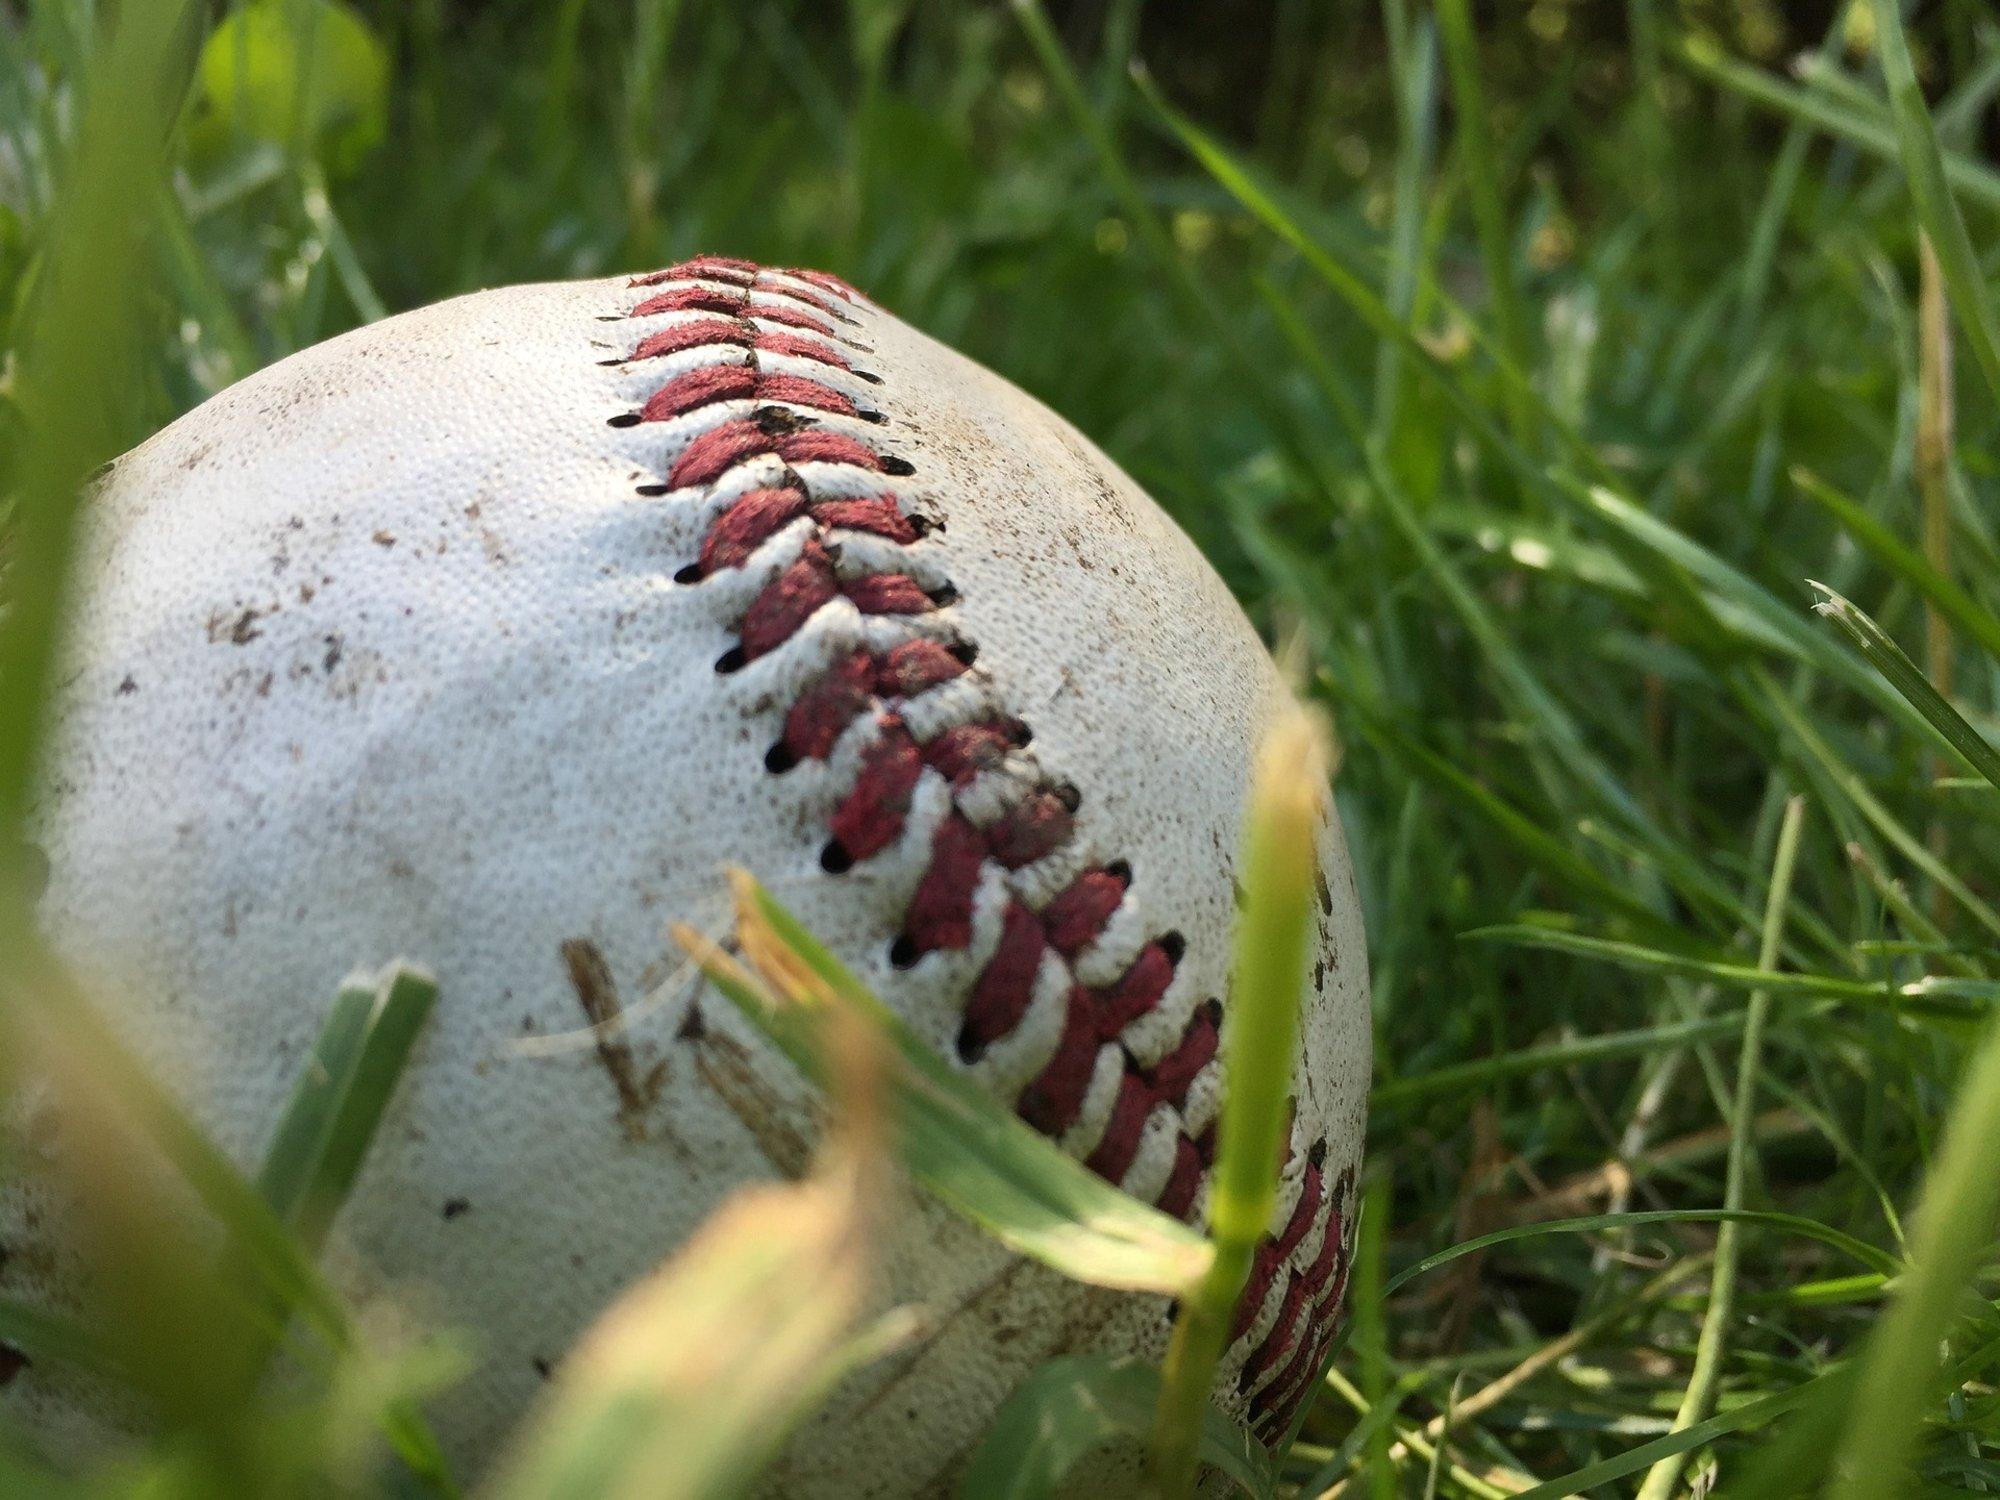 baseball_up_close.jpg